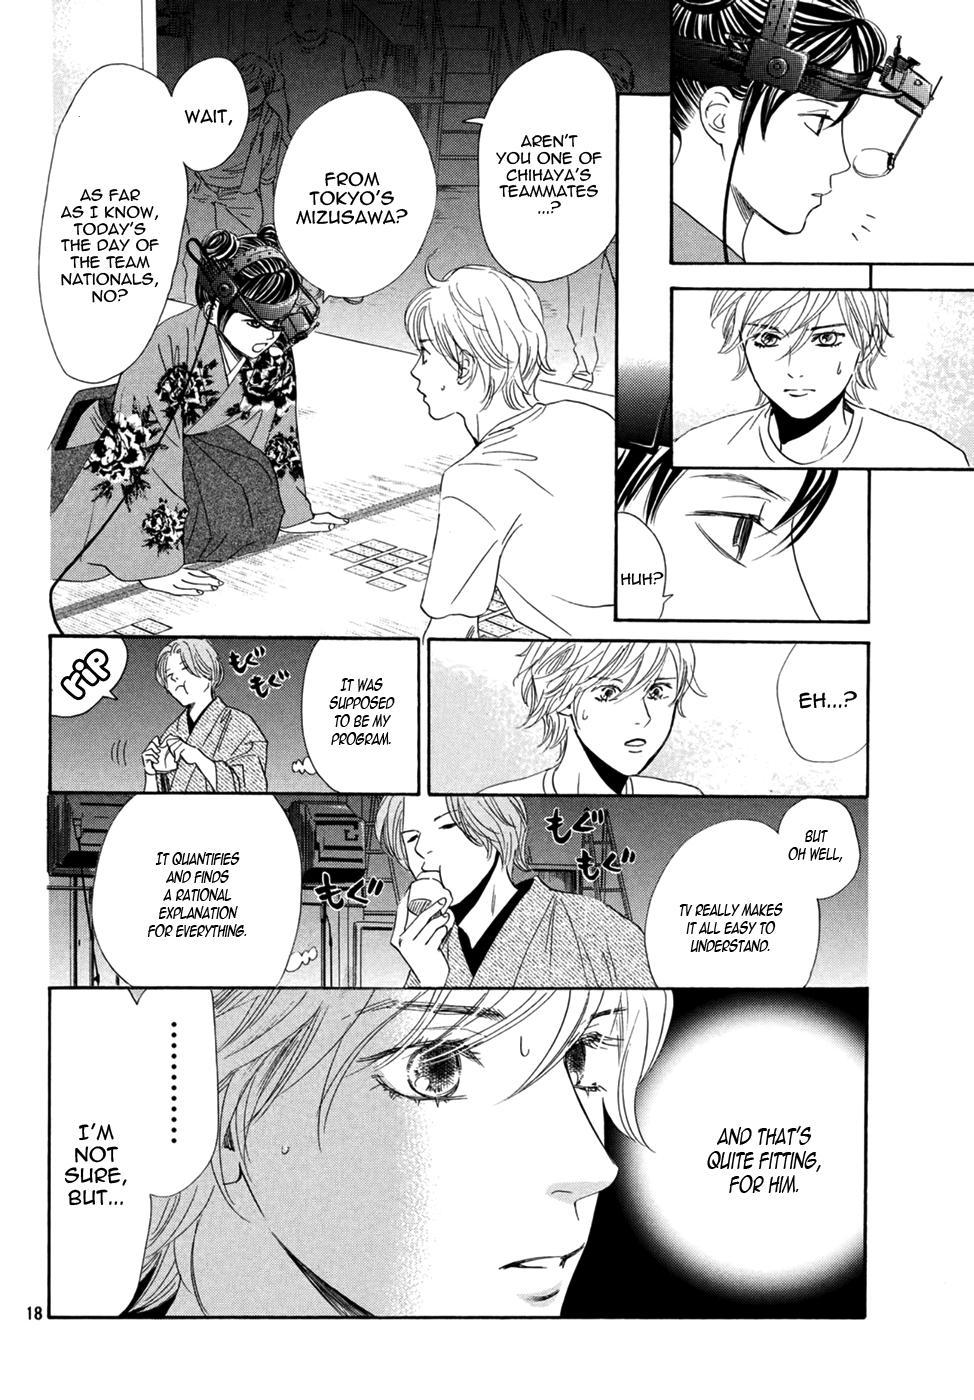 Chihayafuru - Chapter 118